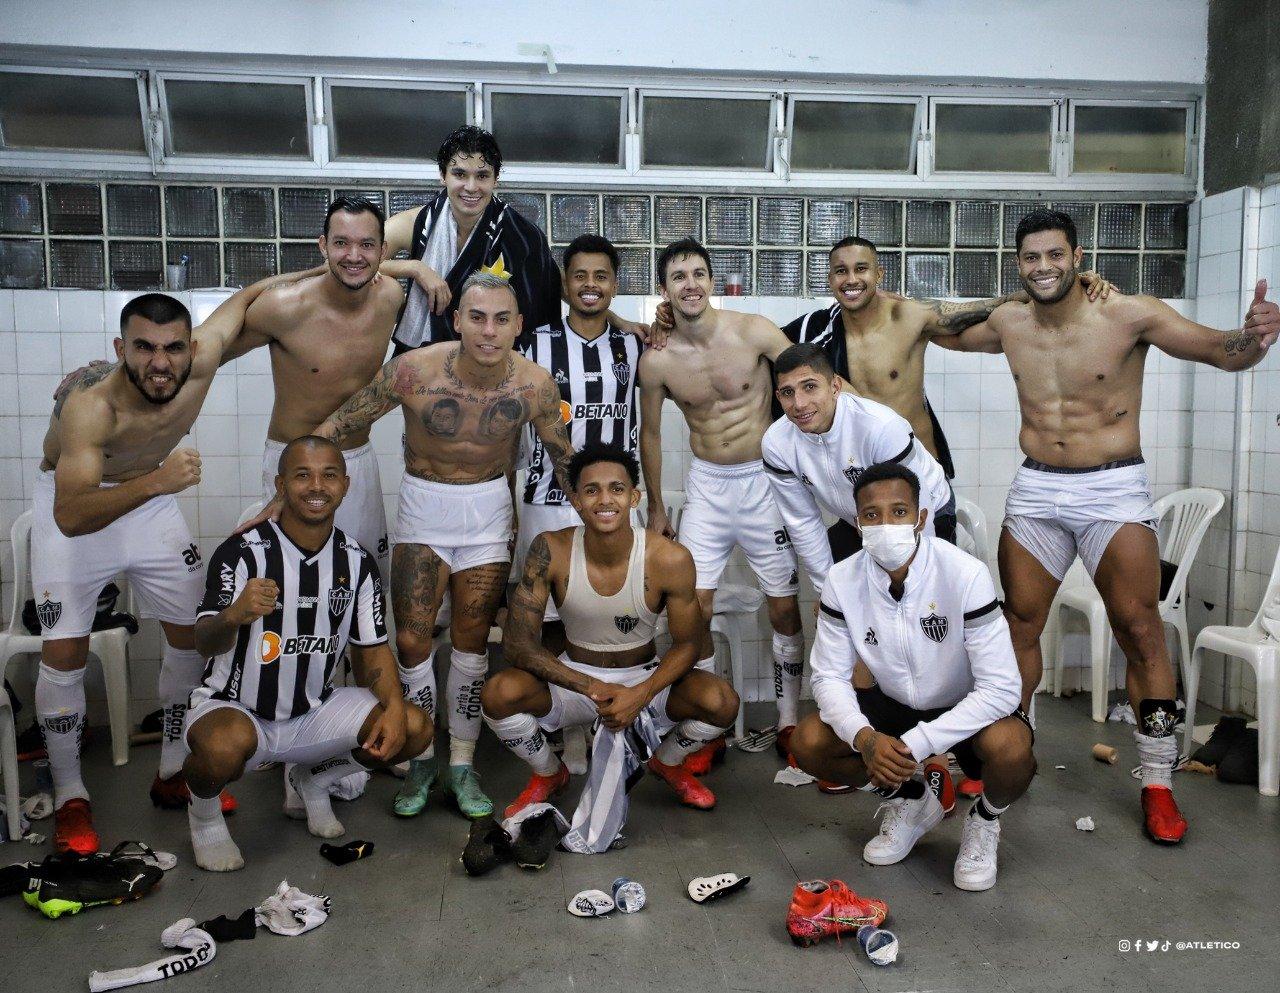 Espora 13 - Atlético - Galo - Atlético-MG - Com sofrimento! Galo perde invencibilidade, mas elimina o Bahia na Copa do Brasil